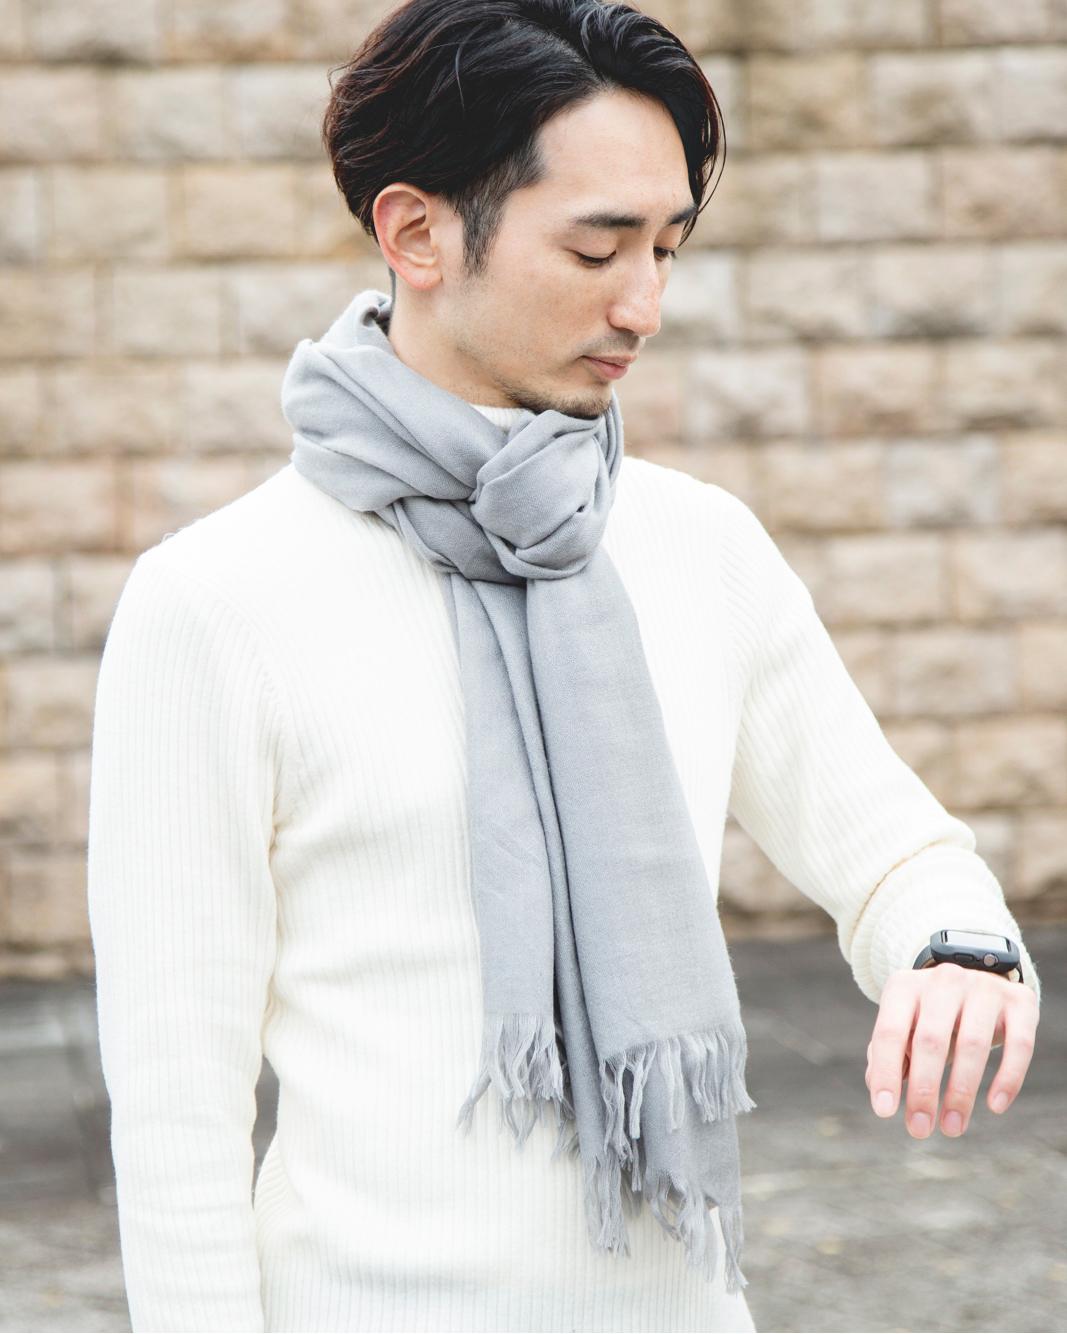 上質な梳毛をトップメゾンの生地も手掛ける織物工房で織り上げた高品質なカシミアのマフラー・ストール「STEPPE」|ADOS(エイドス)